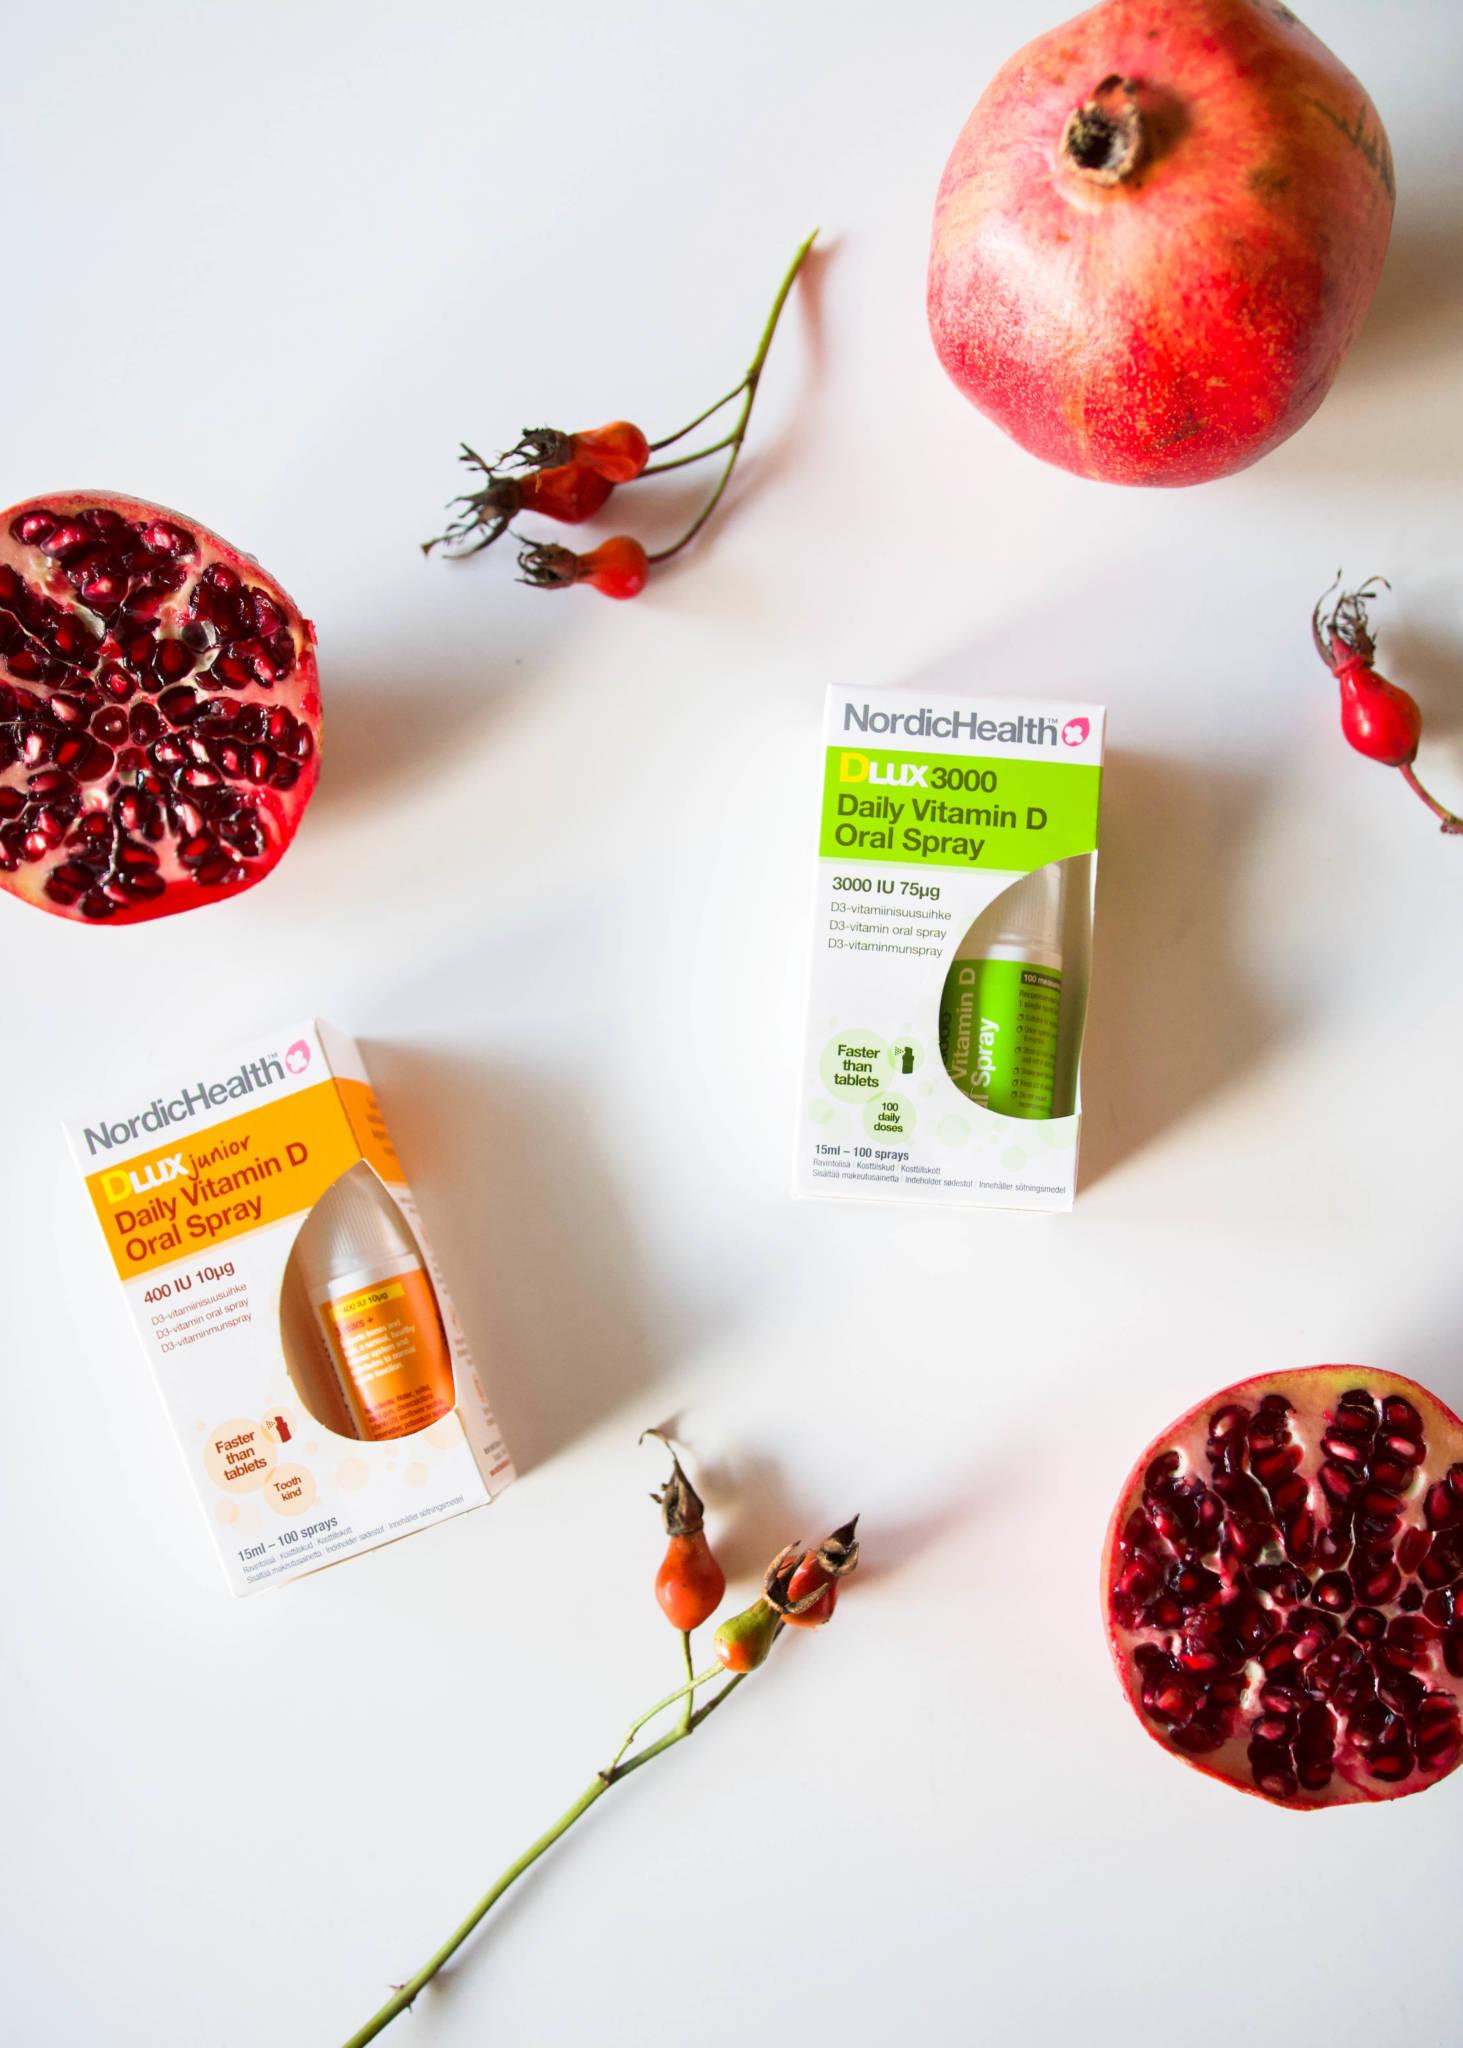 Onko D-vitamiinivalmisteesi tutkitusti tehokas?